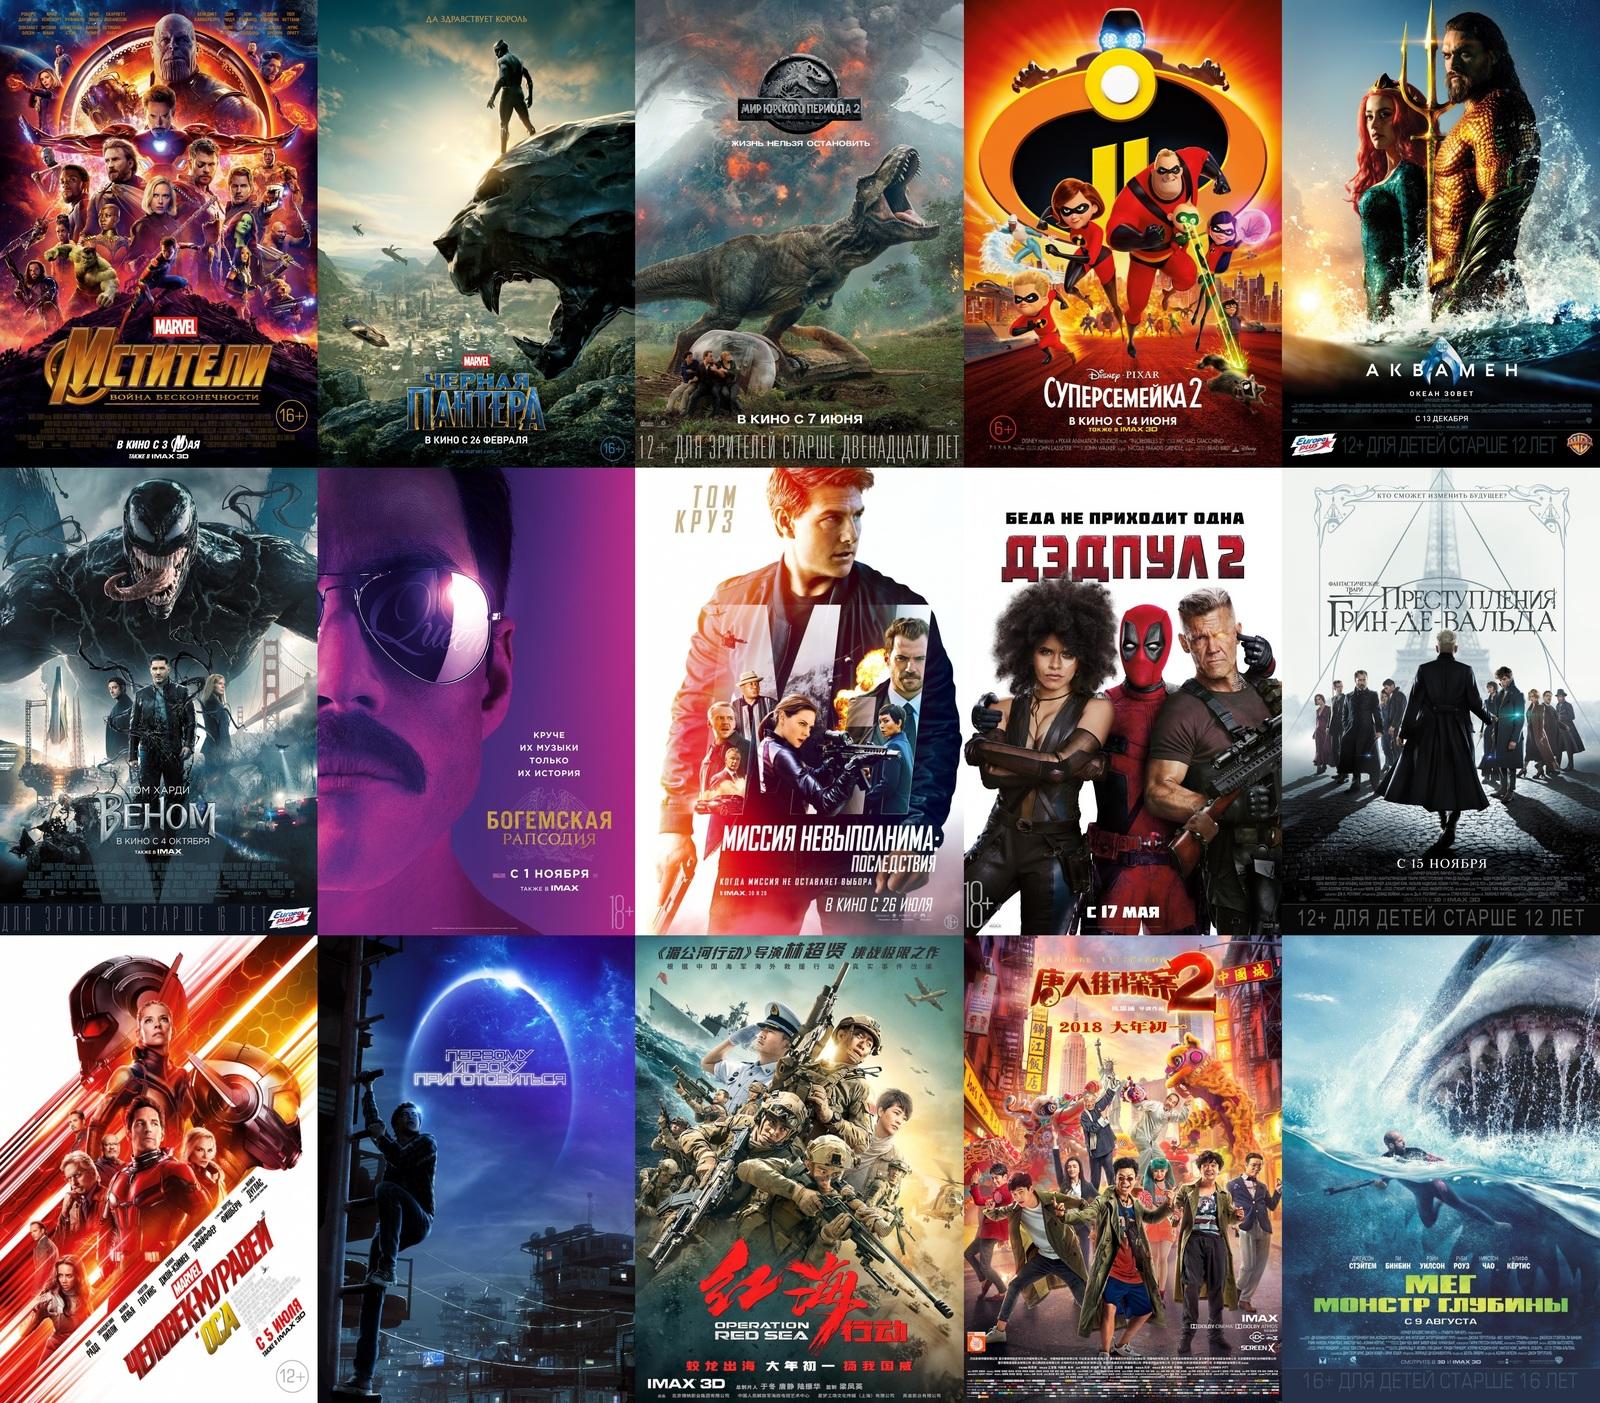 самые кассовые фильмы 2018 года в мировом кинопрокате